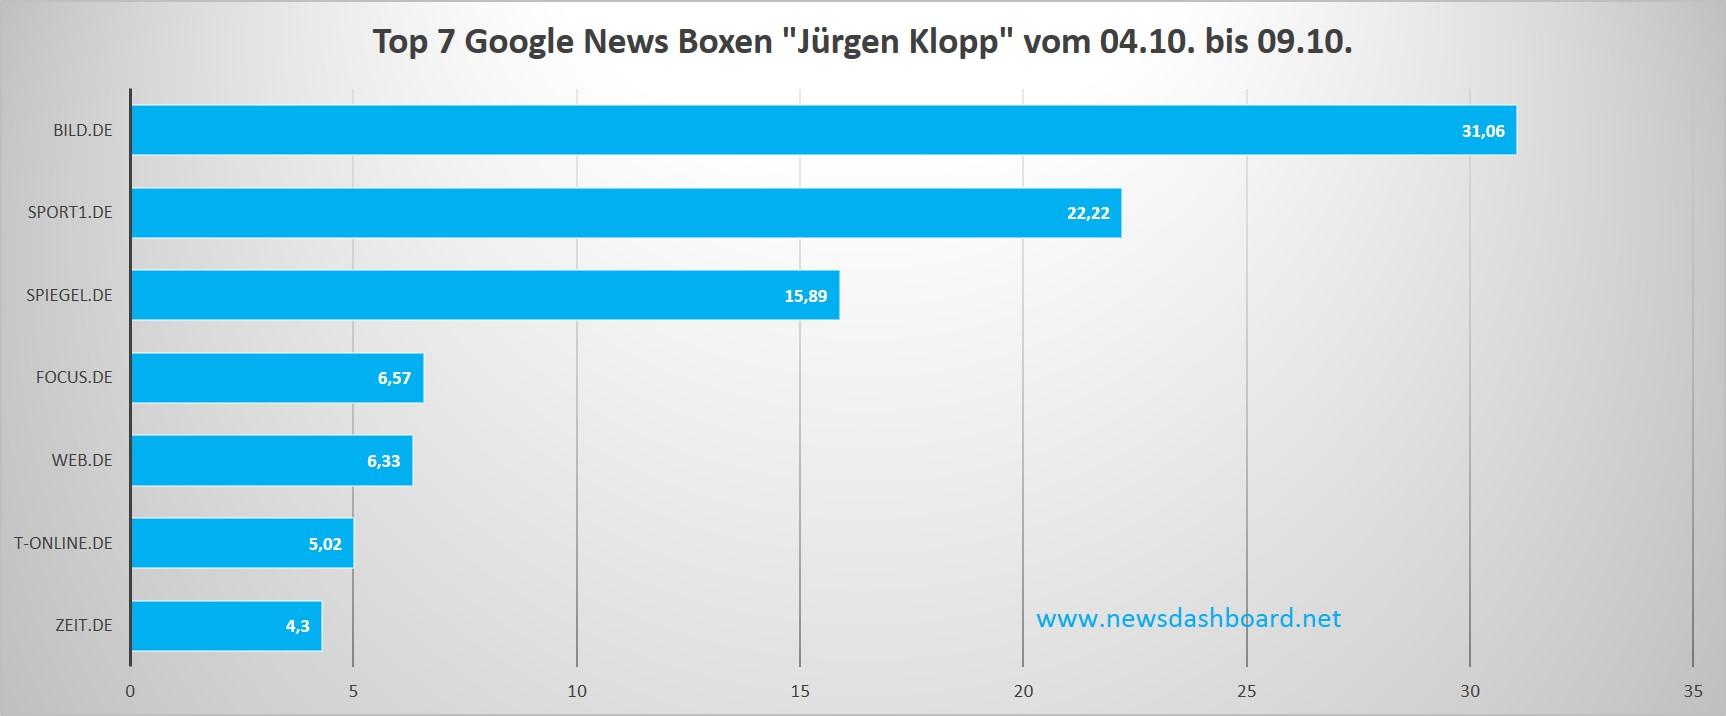 """Bild.de, sport1.de und spiegel.de stehen in den News Boxen zum Keyword """"Jürgen Klopp"""" klar an der Spitze."""